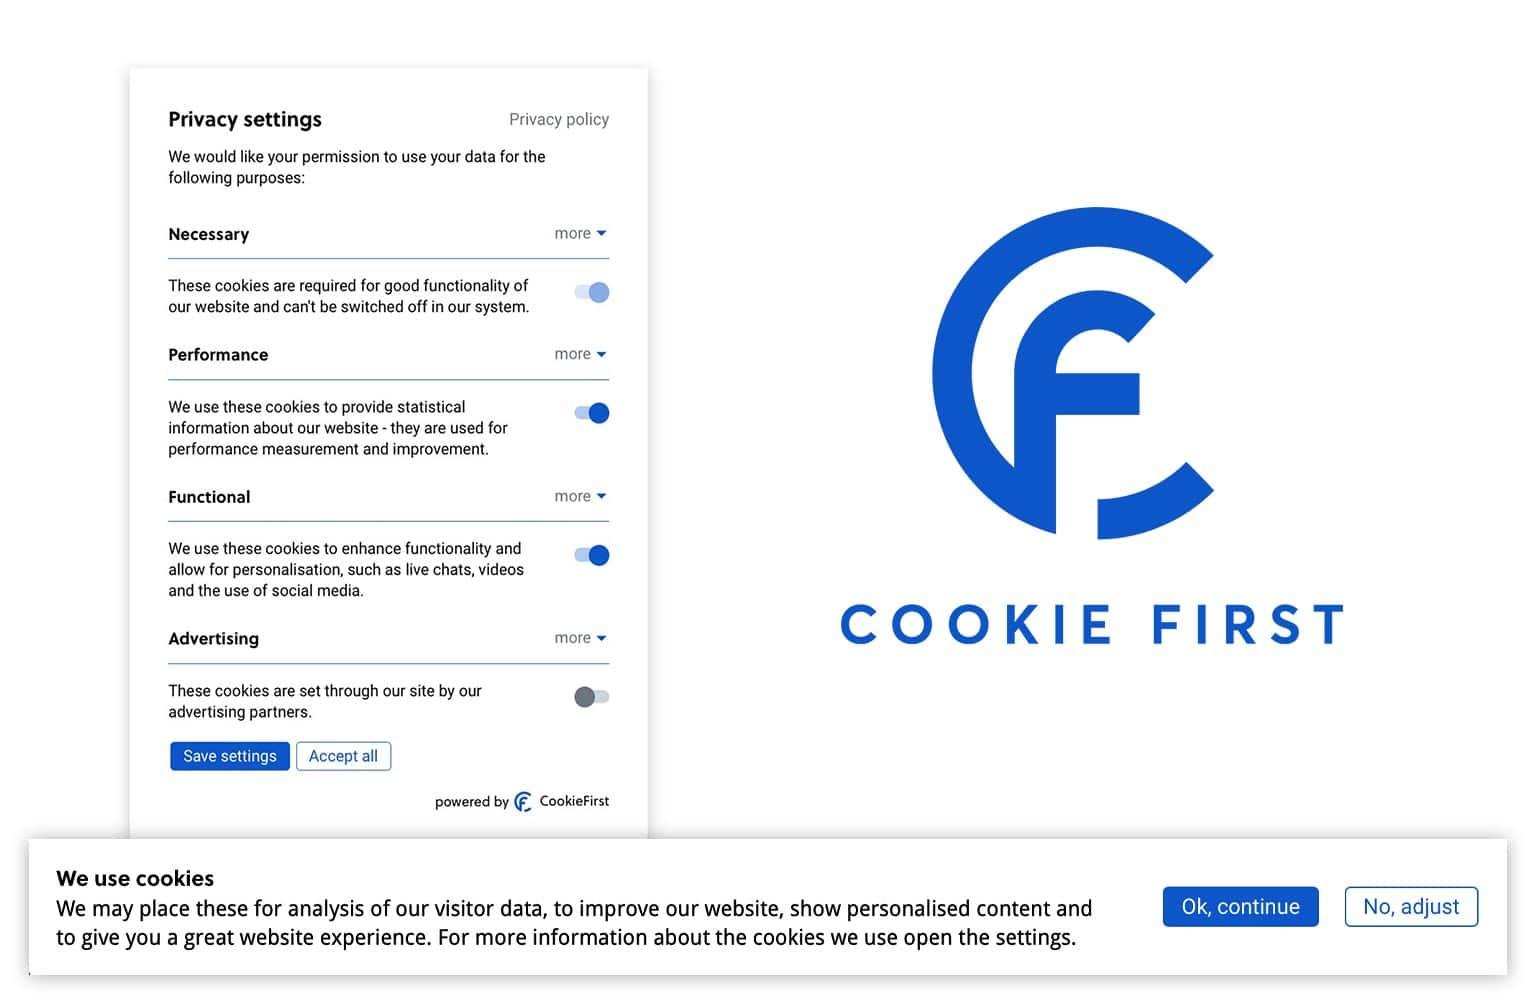 Cookie Manager   CookieFirtst es una plataforma de gestión de consentimiento para gestionar el consentimiento de las cookies